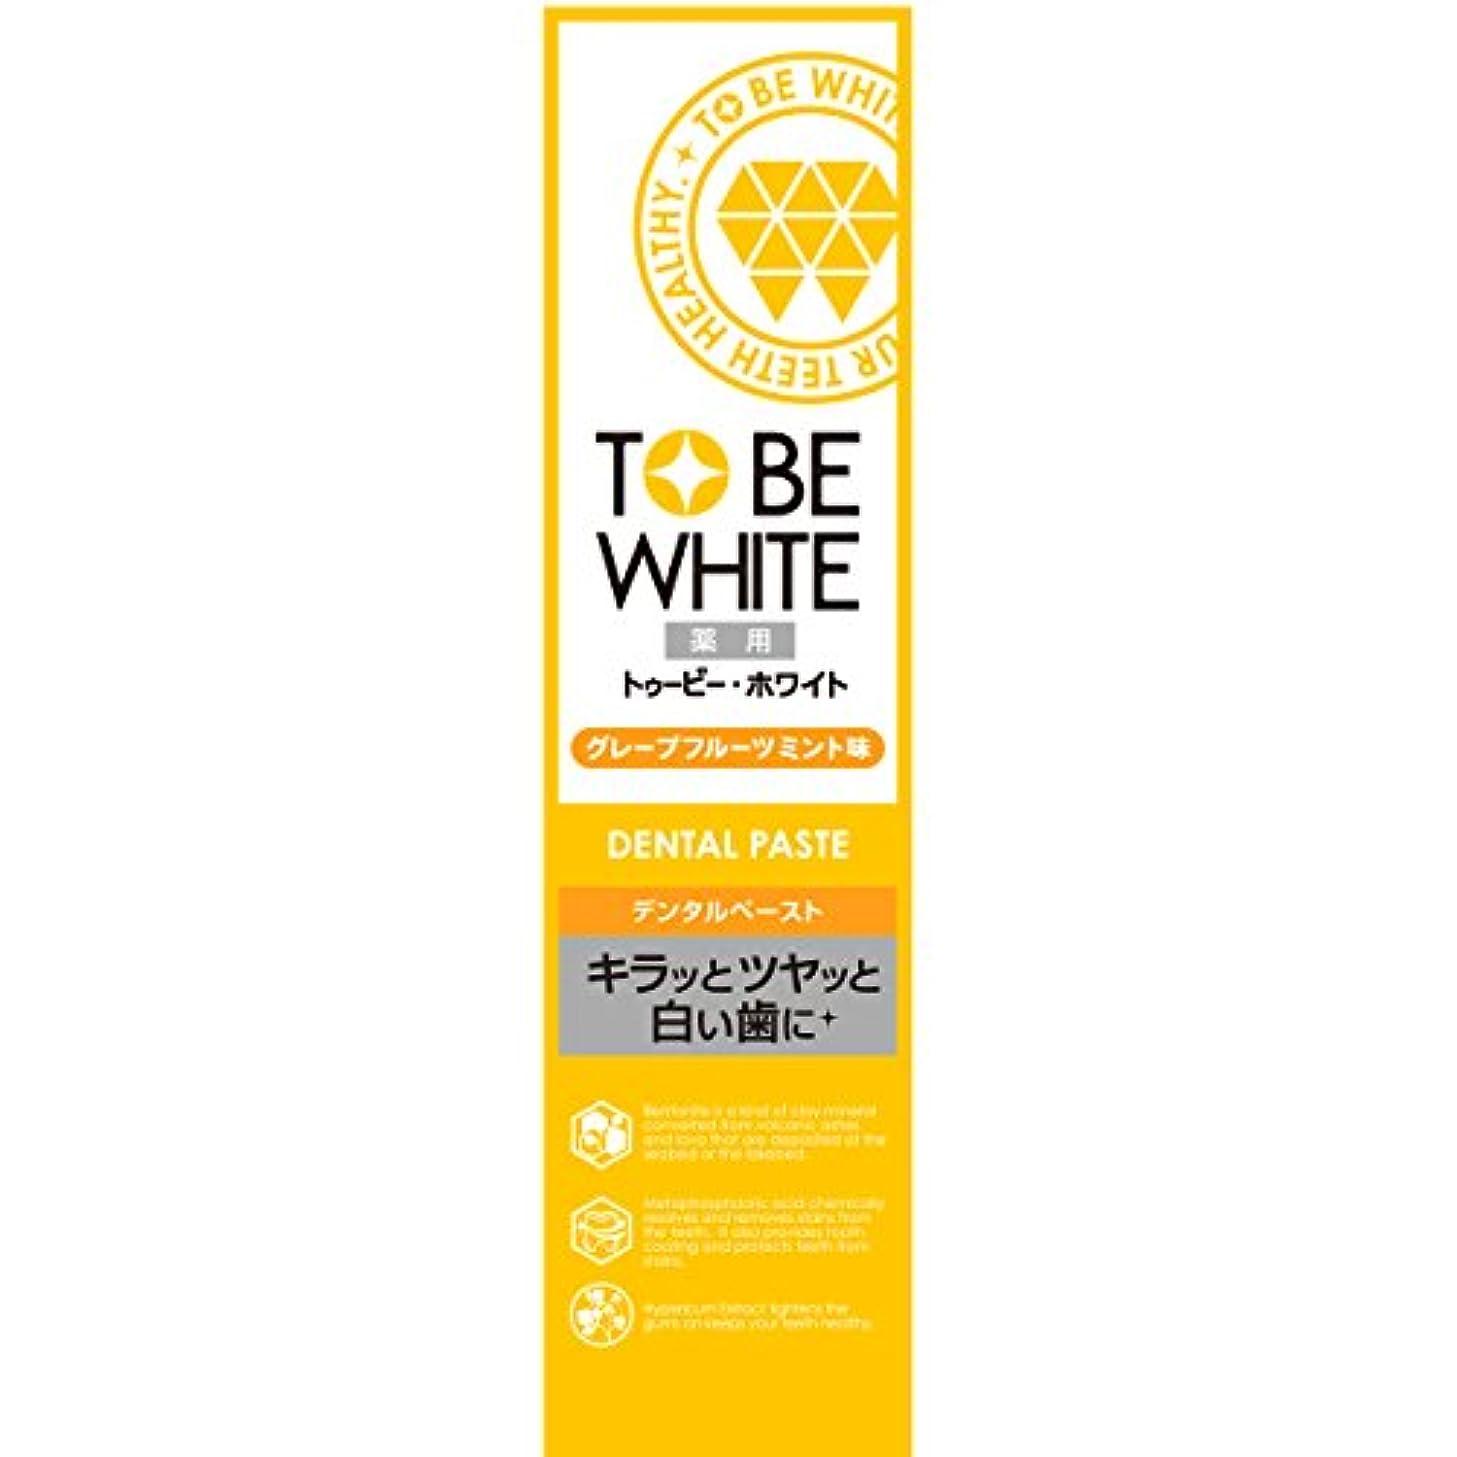 閉じる時期尚早北米トゥービー?ホワイト 薬用 ホワイトニング ハミガキ粉 グレープフルーツミント 味 60g 【医薬部外品】